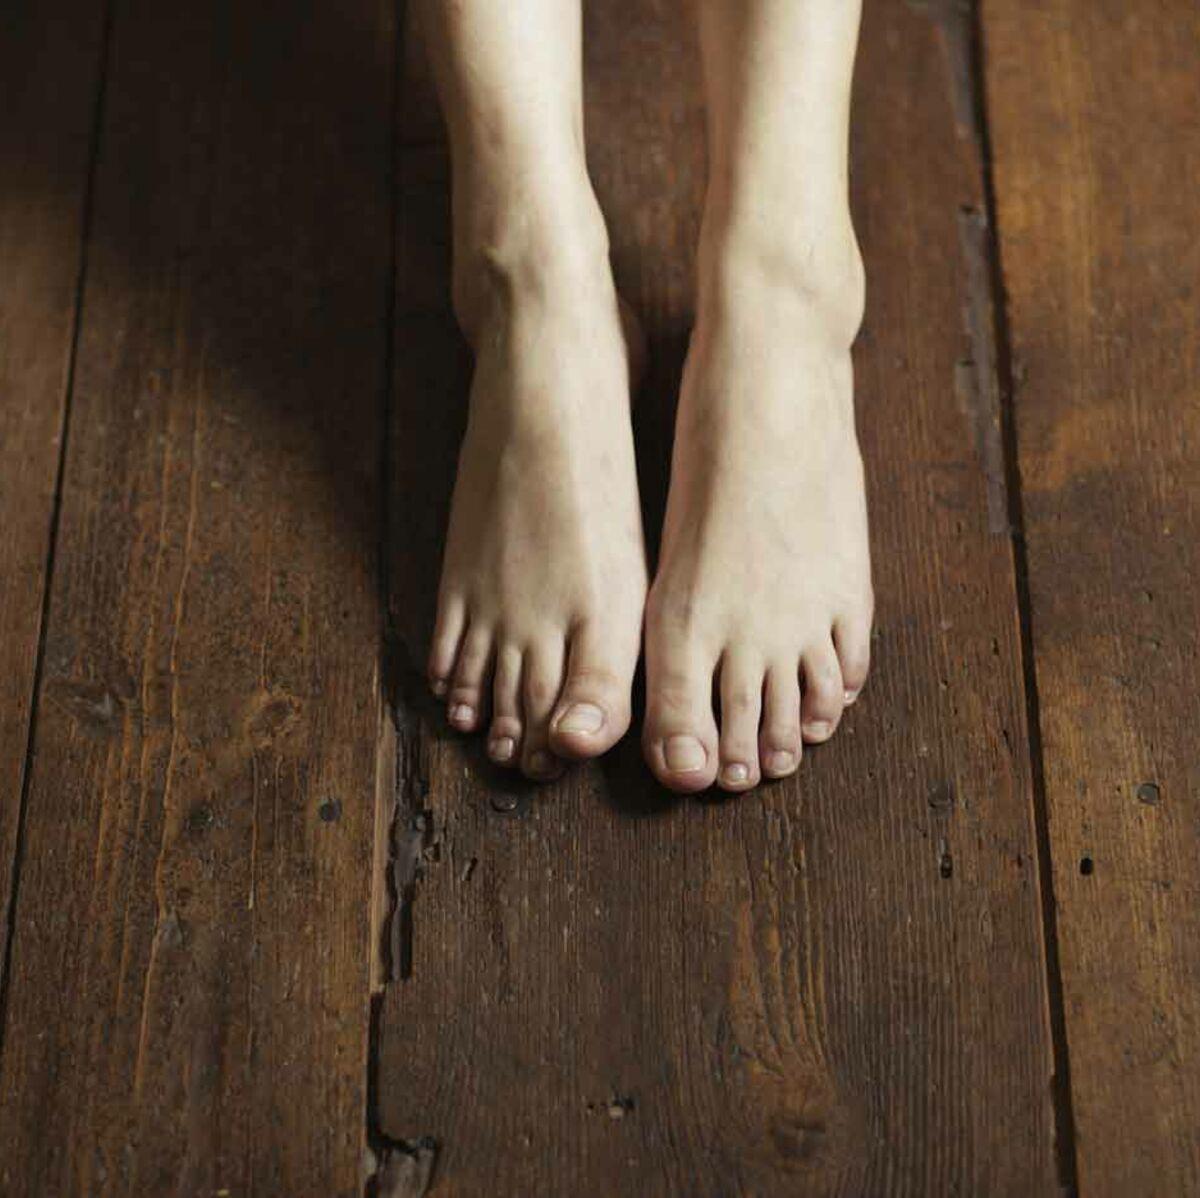 Comment Enlever Des Rayures Sur Parquet Flottant comment entretenir un parquet vernis ou huilé ? : femme